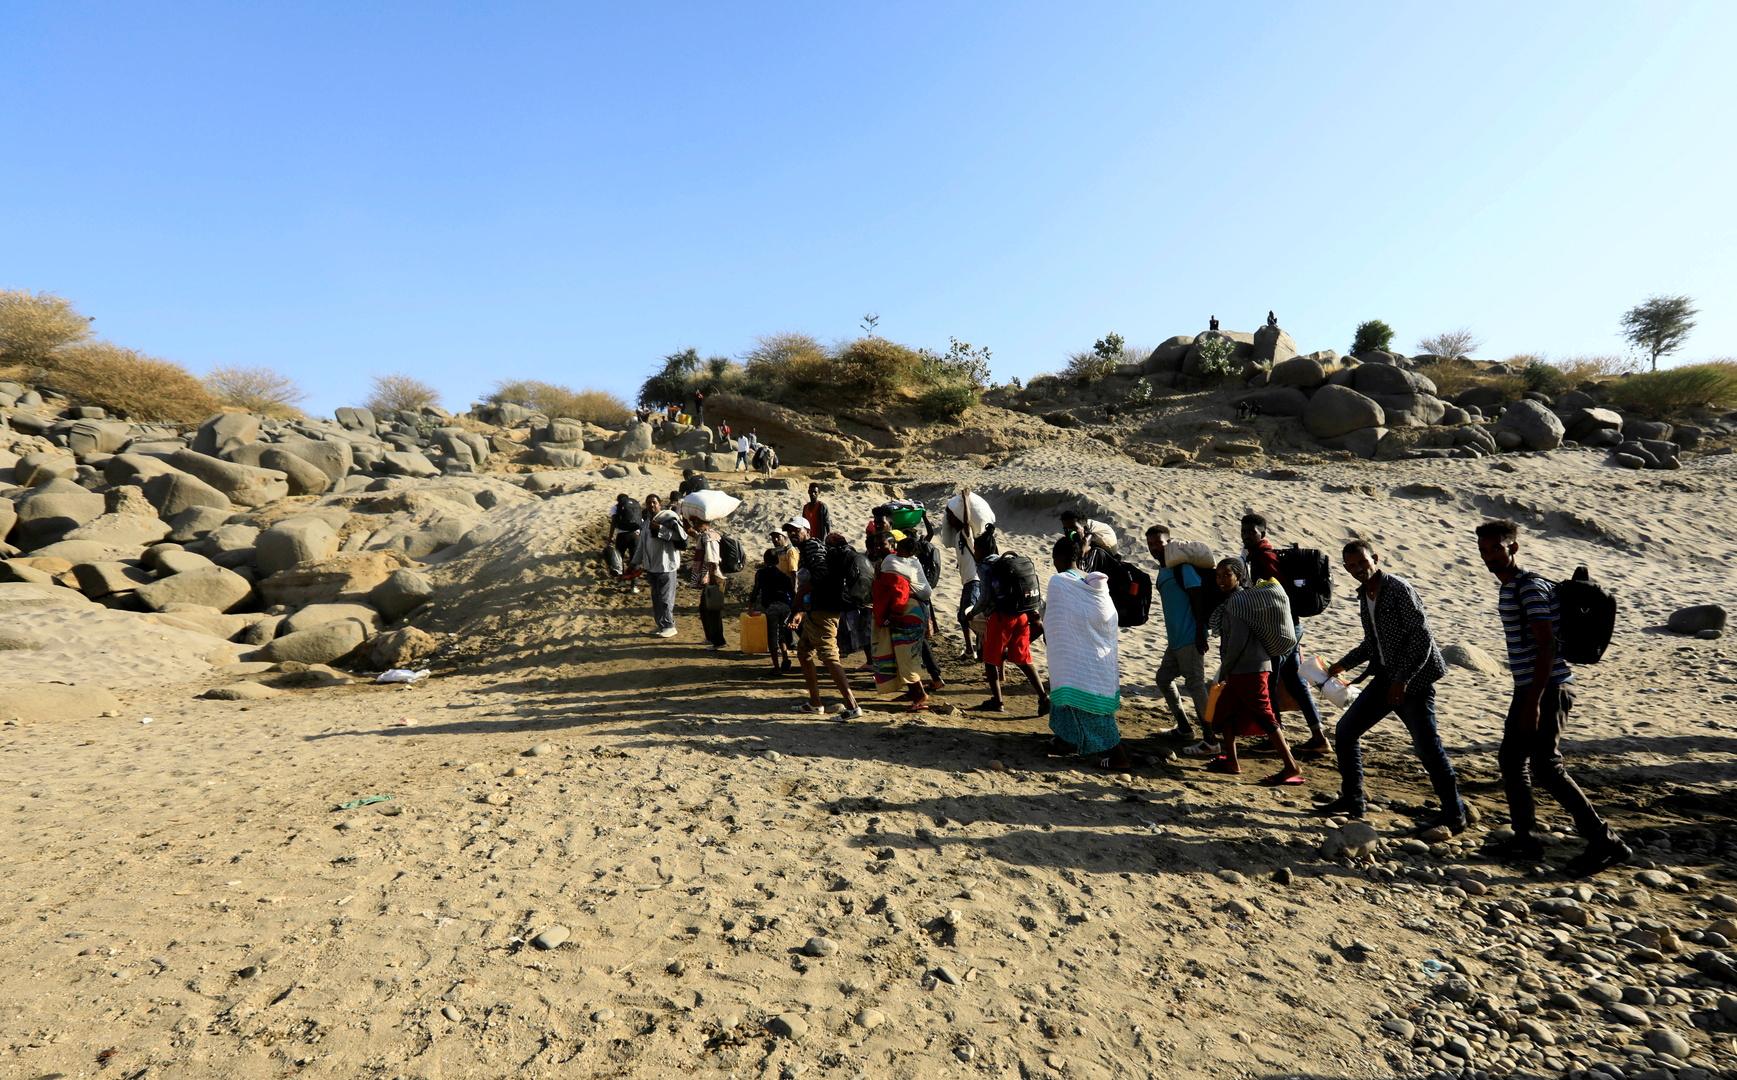 اللاجئون من إقليم تيغراي الإثيوبي في طريقهم إلى السودان بعد اجتياز نهر ستيت.